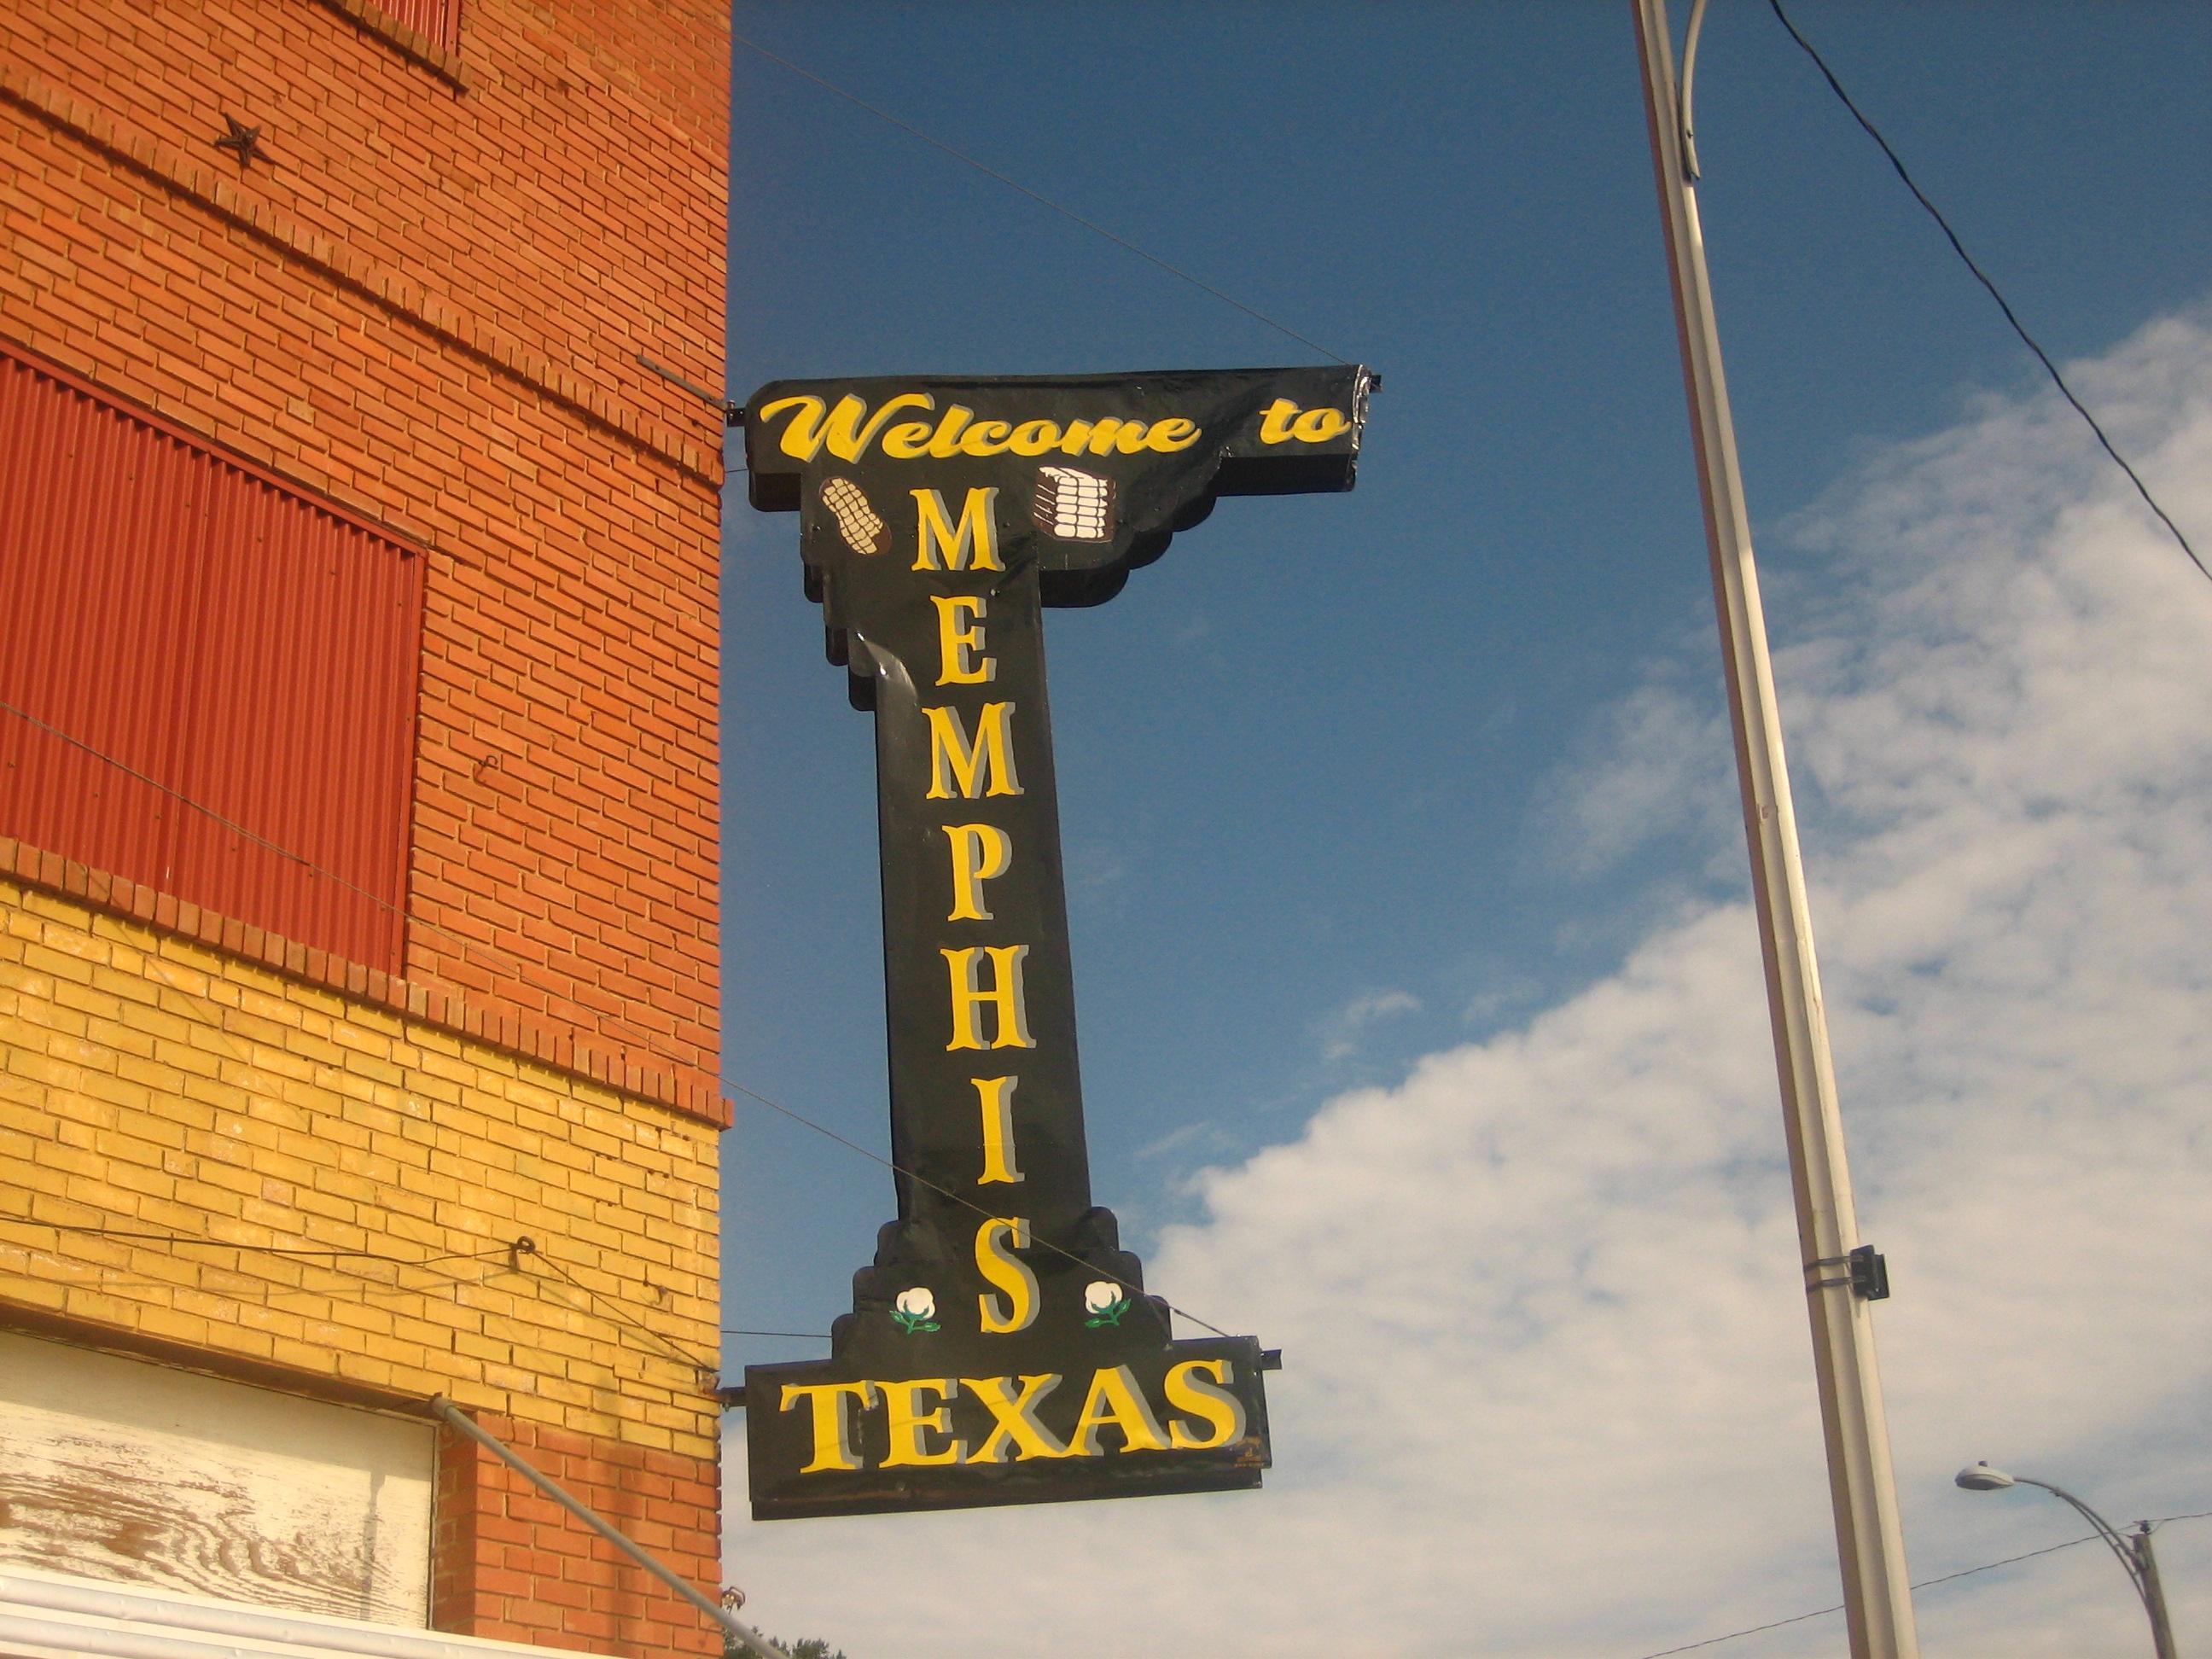 Memphis (Texas)